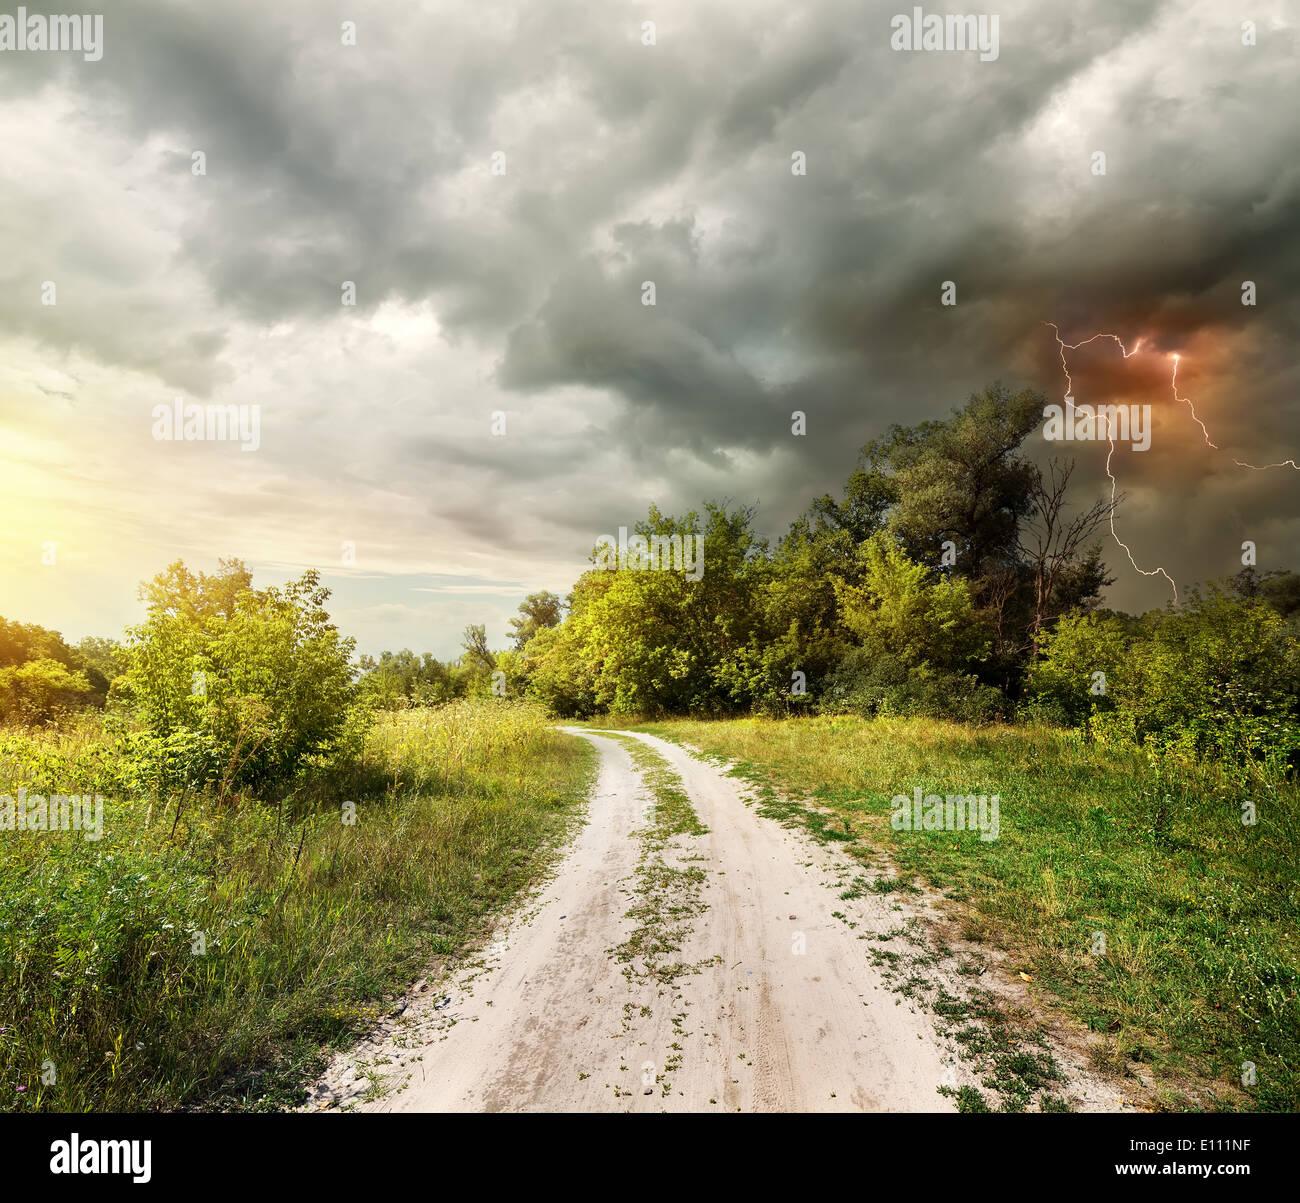 Route de campagne à travers la forêt et la foudre Photo Stock